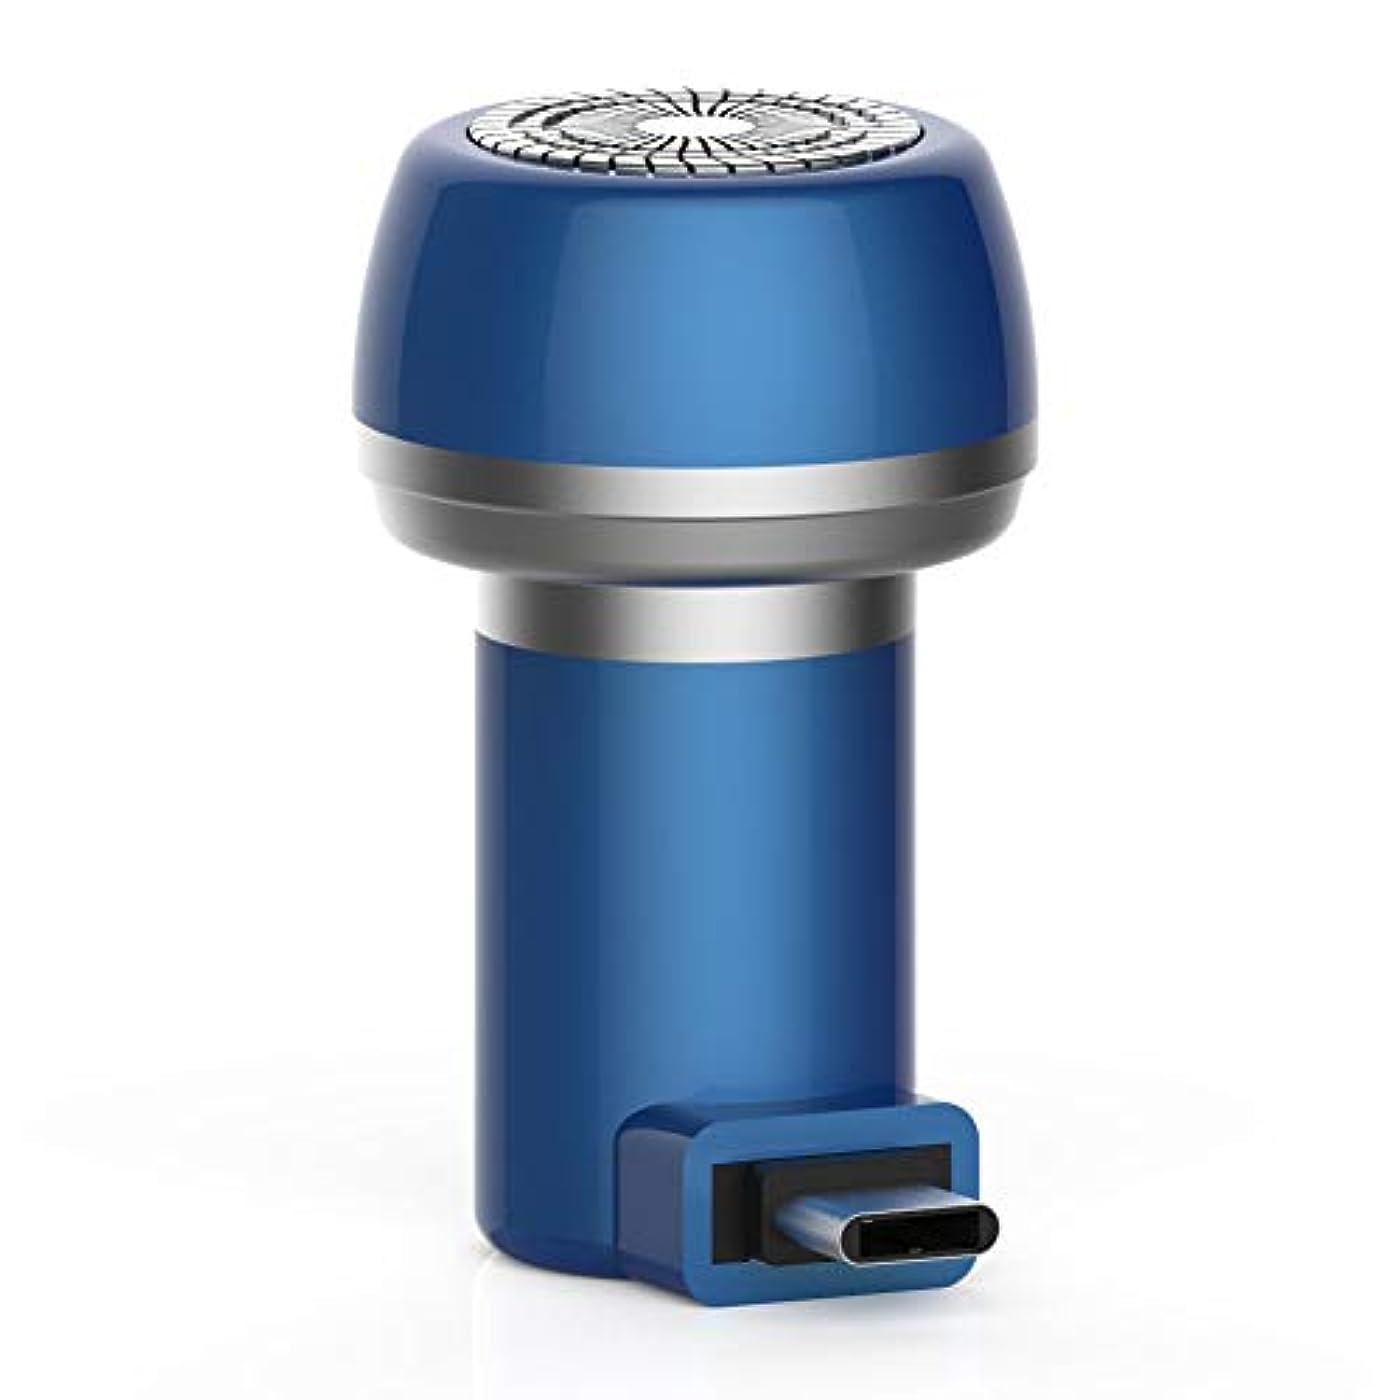 振りかけるコミュニケーション分析CoolTack  電気充電式シェーバー、2に付き1磁気電気シェーバーミニポータブルType-C USB防水耐久性剃刀